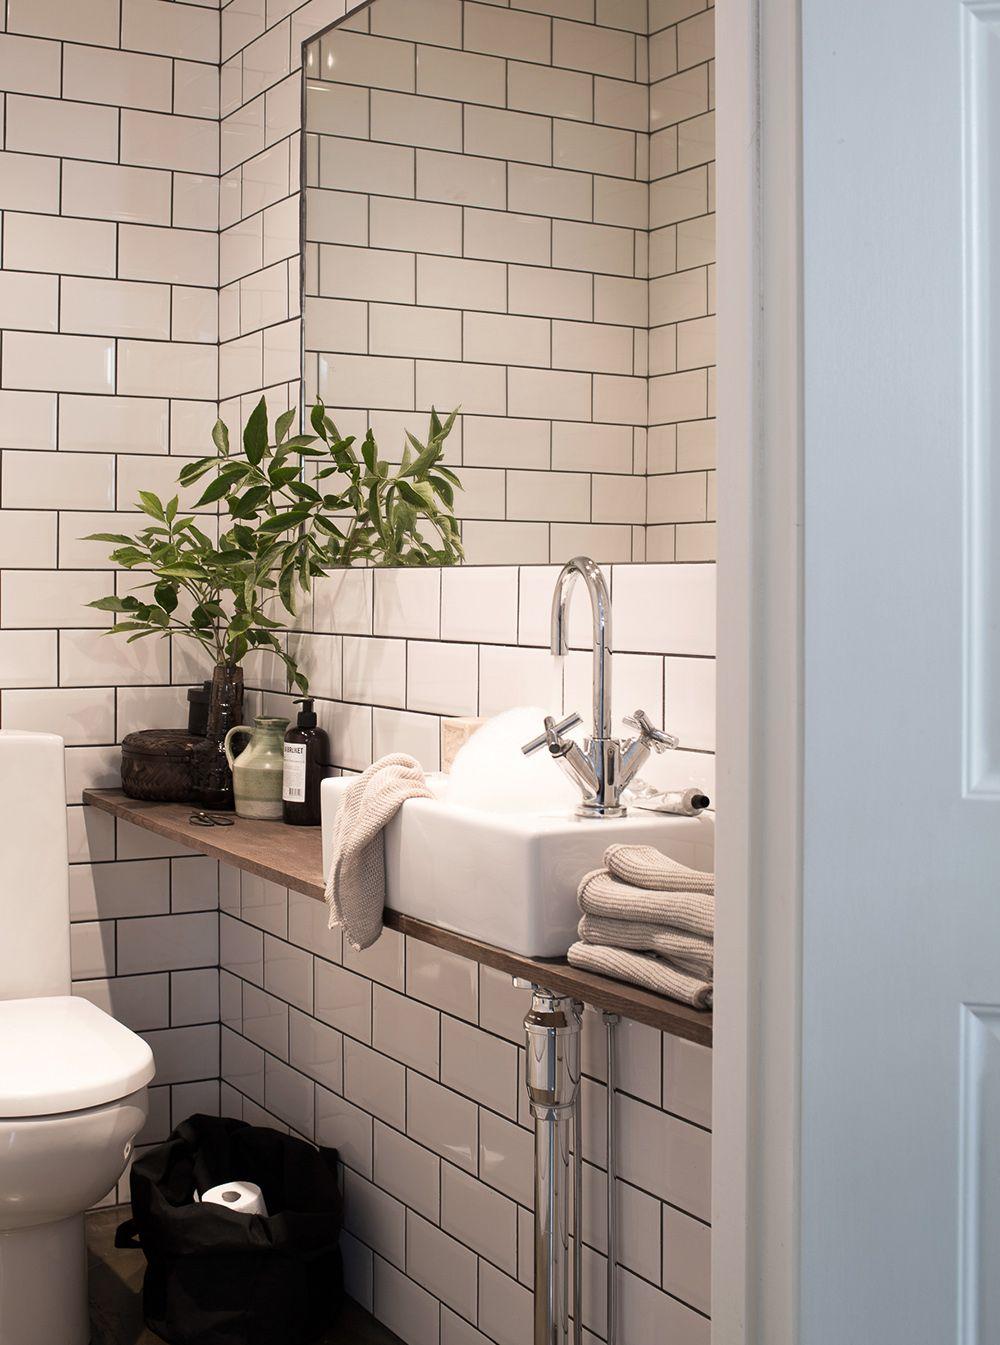 Großer Spiegel Ablage Holz kleines Bad Badezimmer I Small Spaces